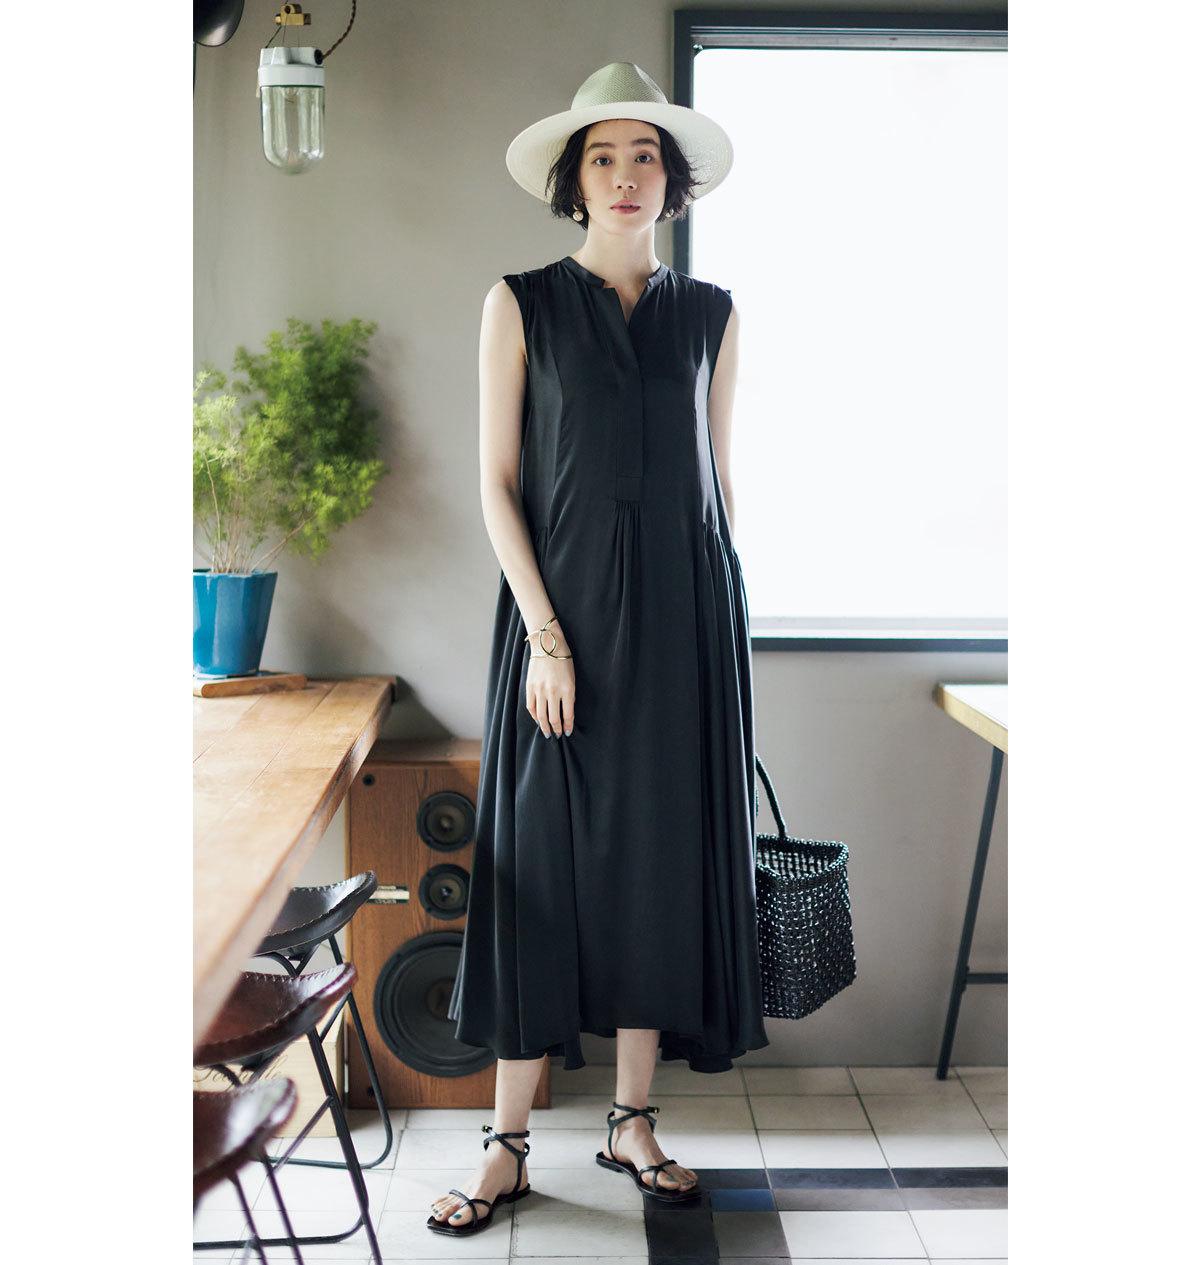 2021夏のアラフォーの本命サンダルはこれ!今すぐ買うべきトレンドサンダルまとめ 40代ファッション_1_5